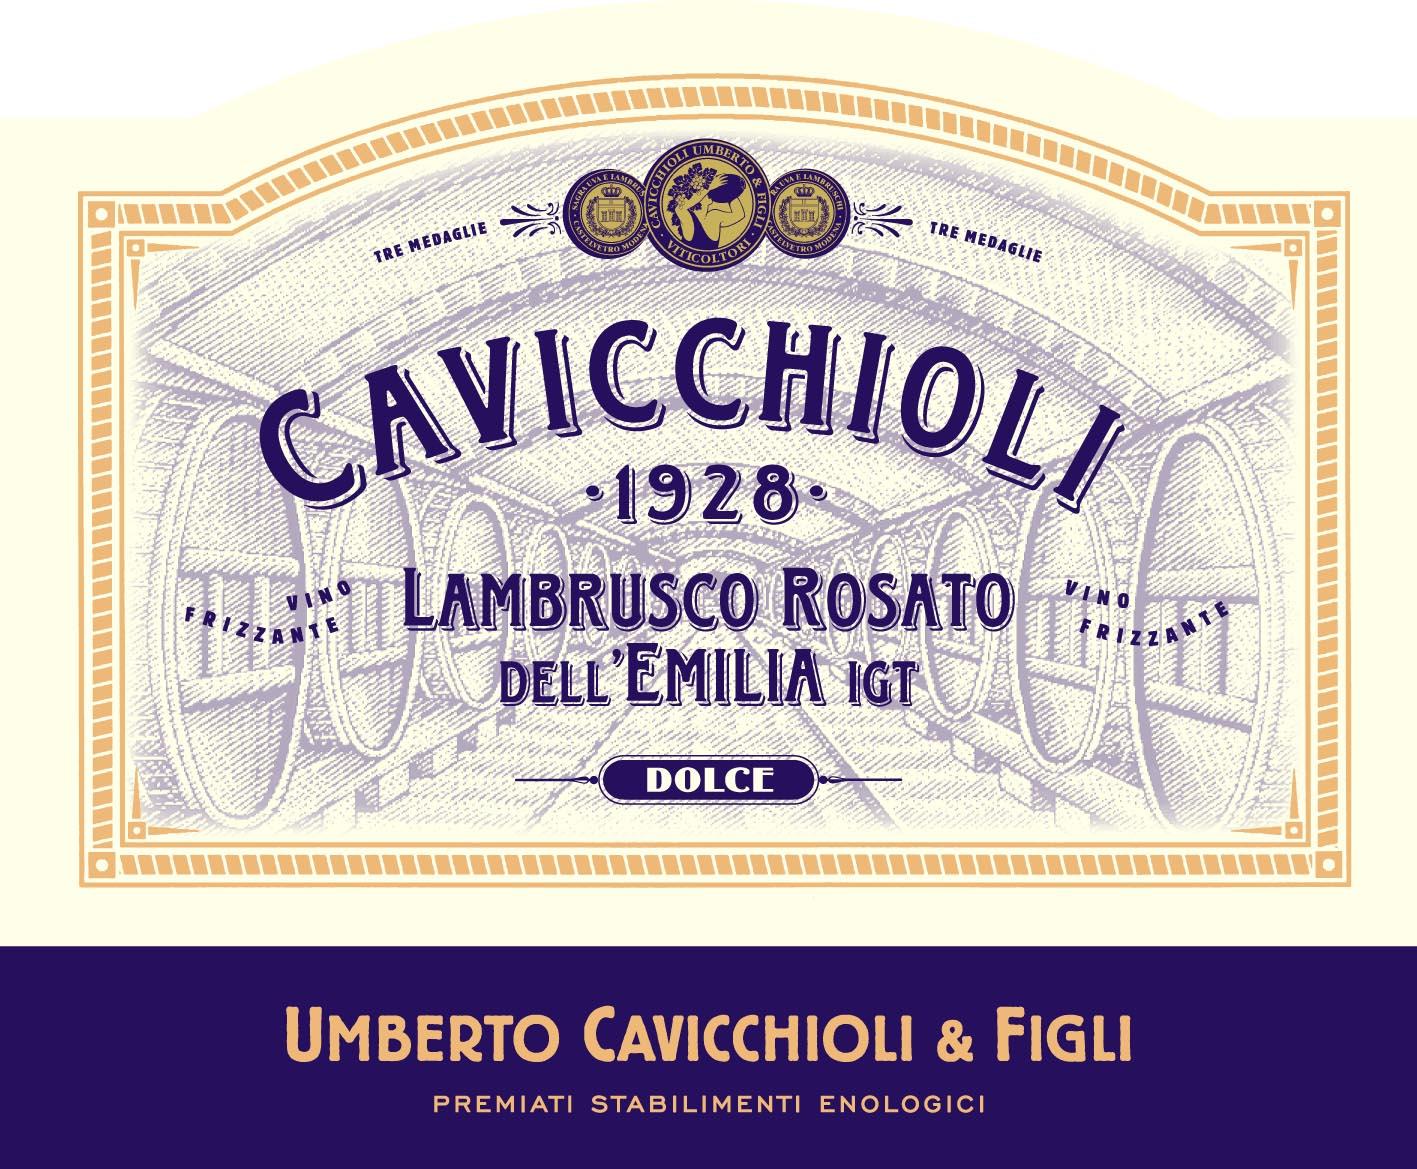 意大利之花桃红起泡Cavicchioli Lambrusco Rosato dell'Emilia  Dolce